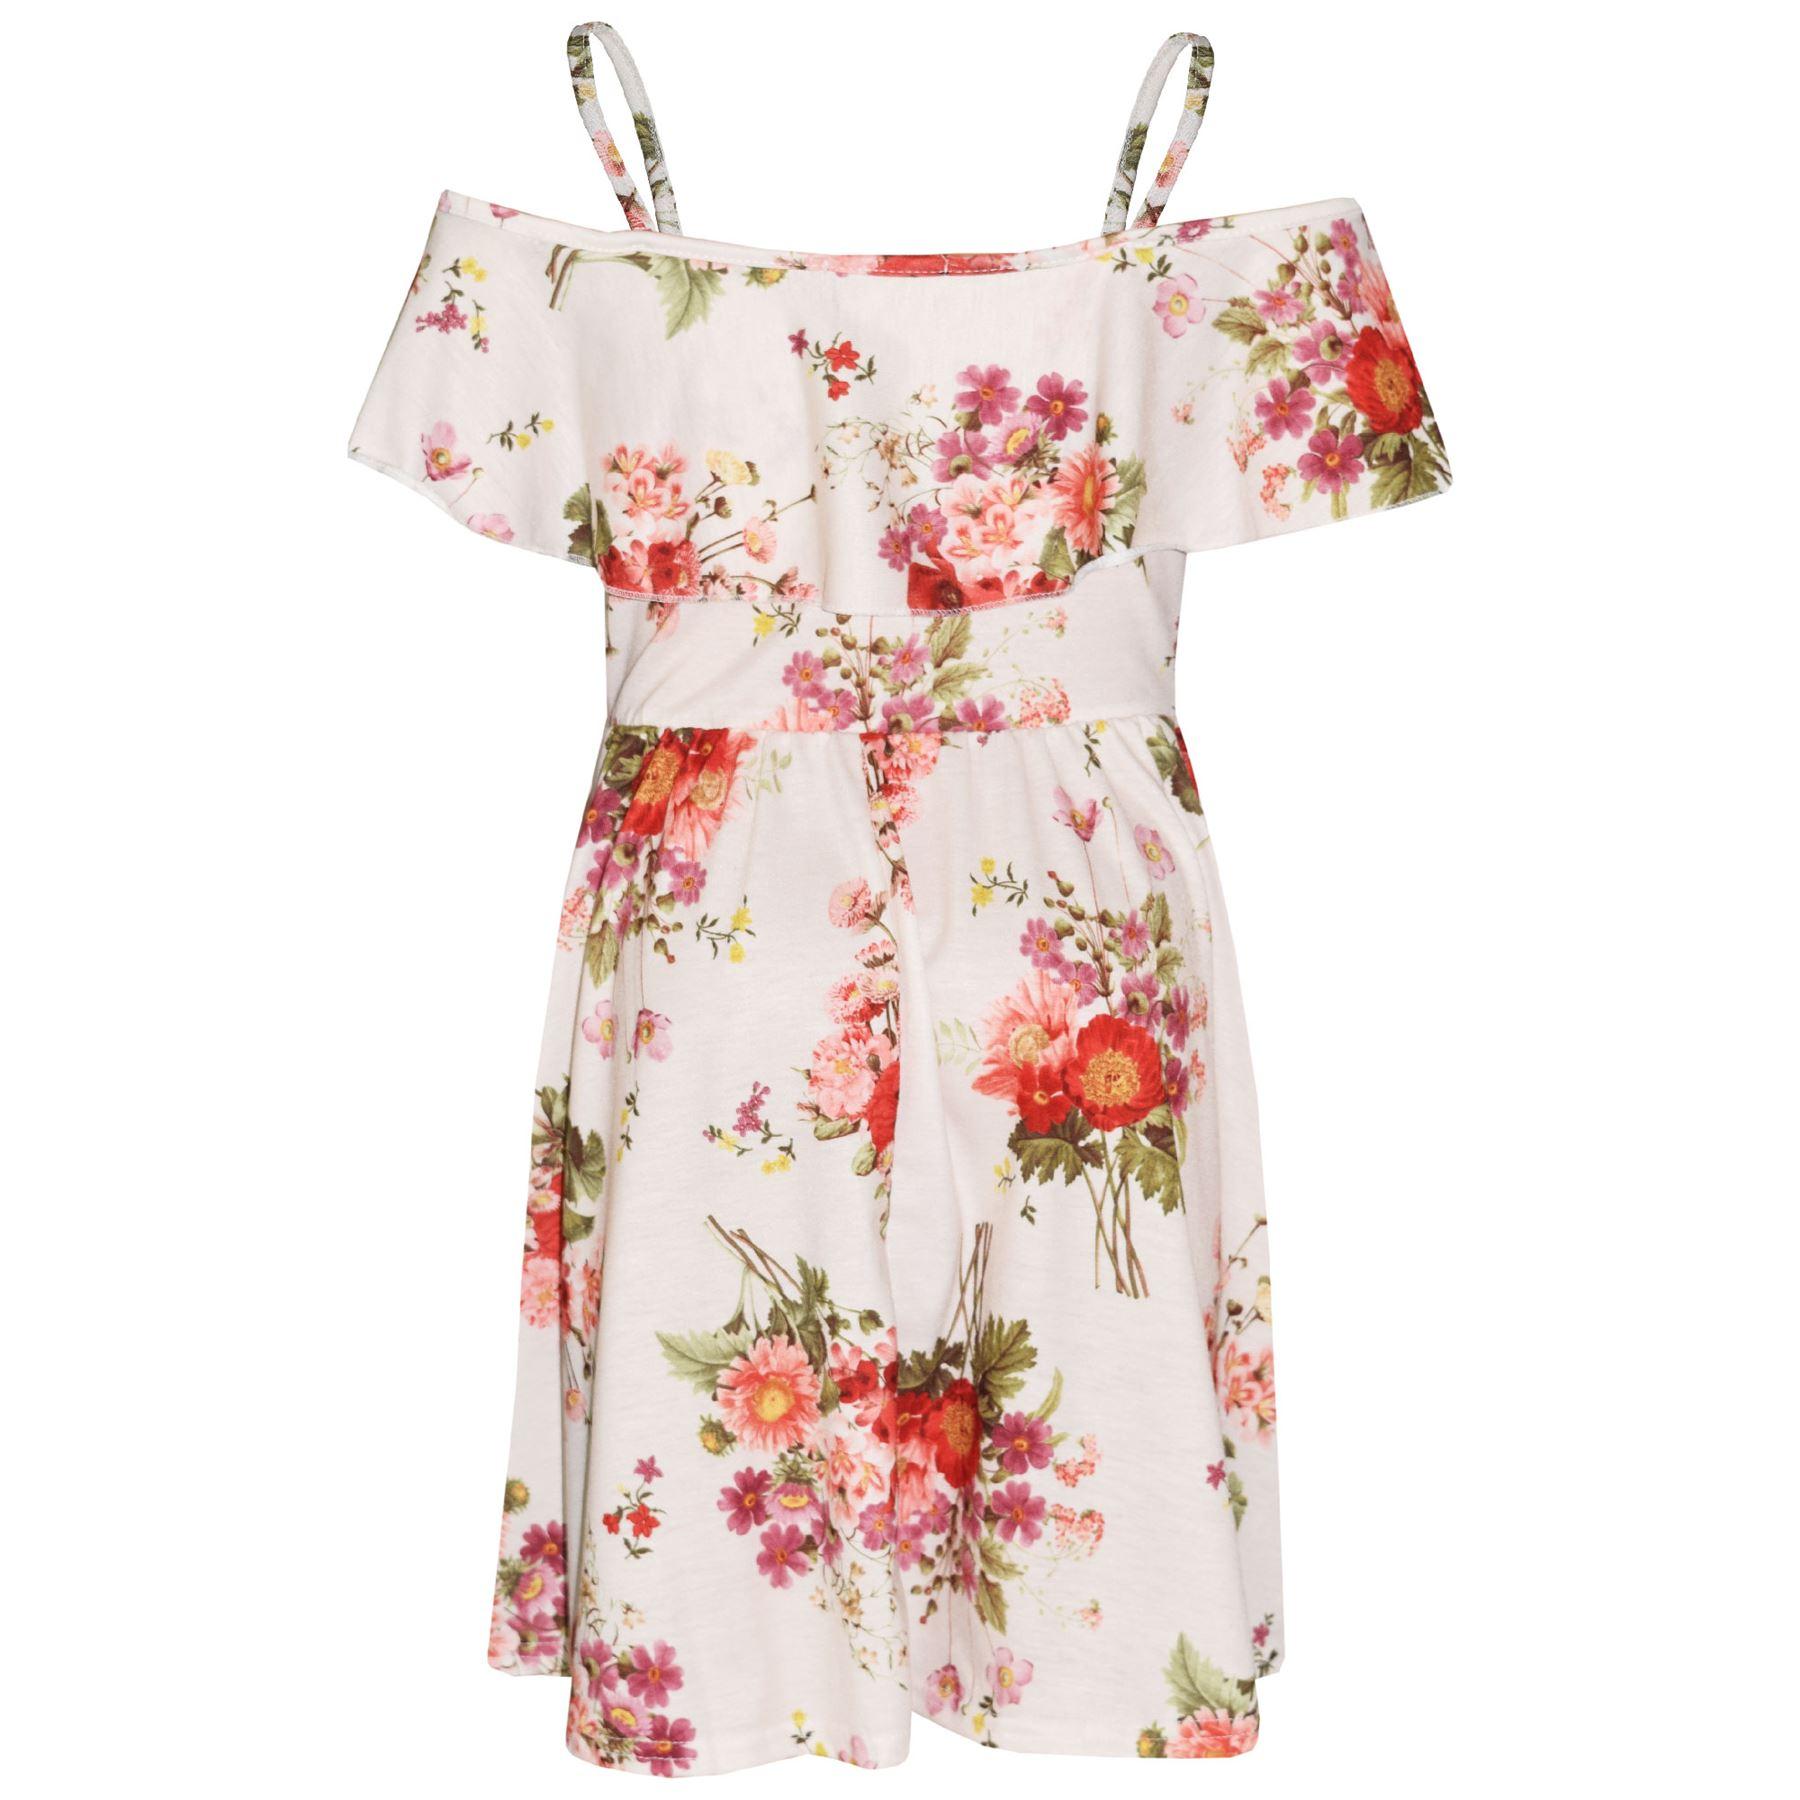 Kids-Girls-Skater-Dress-Floral-Print-Summer-Party-Fashion-Off-Shoulder-Dresses thumbnail 29